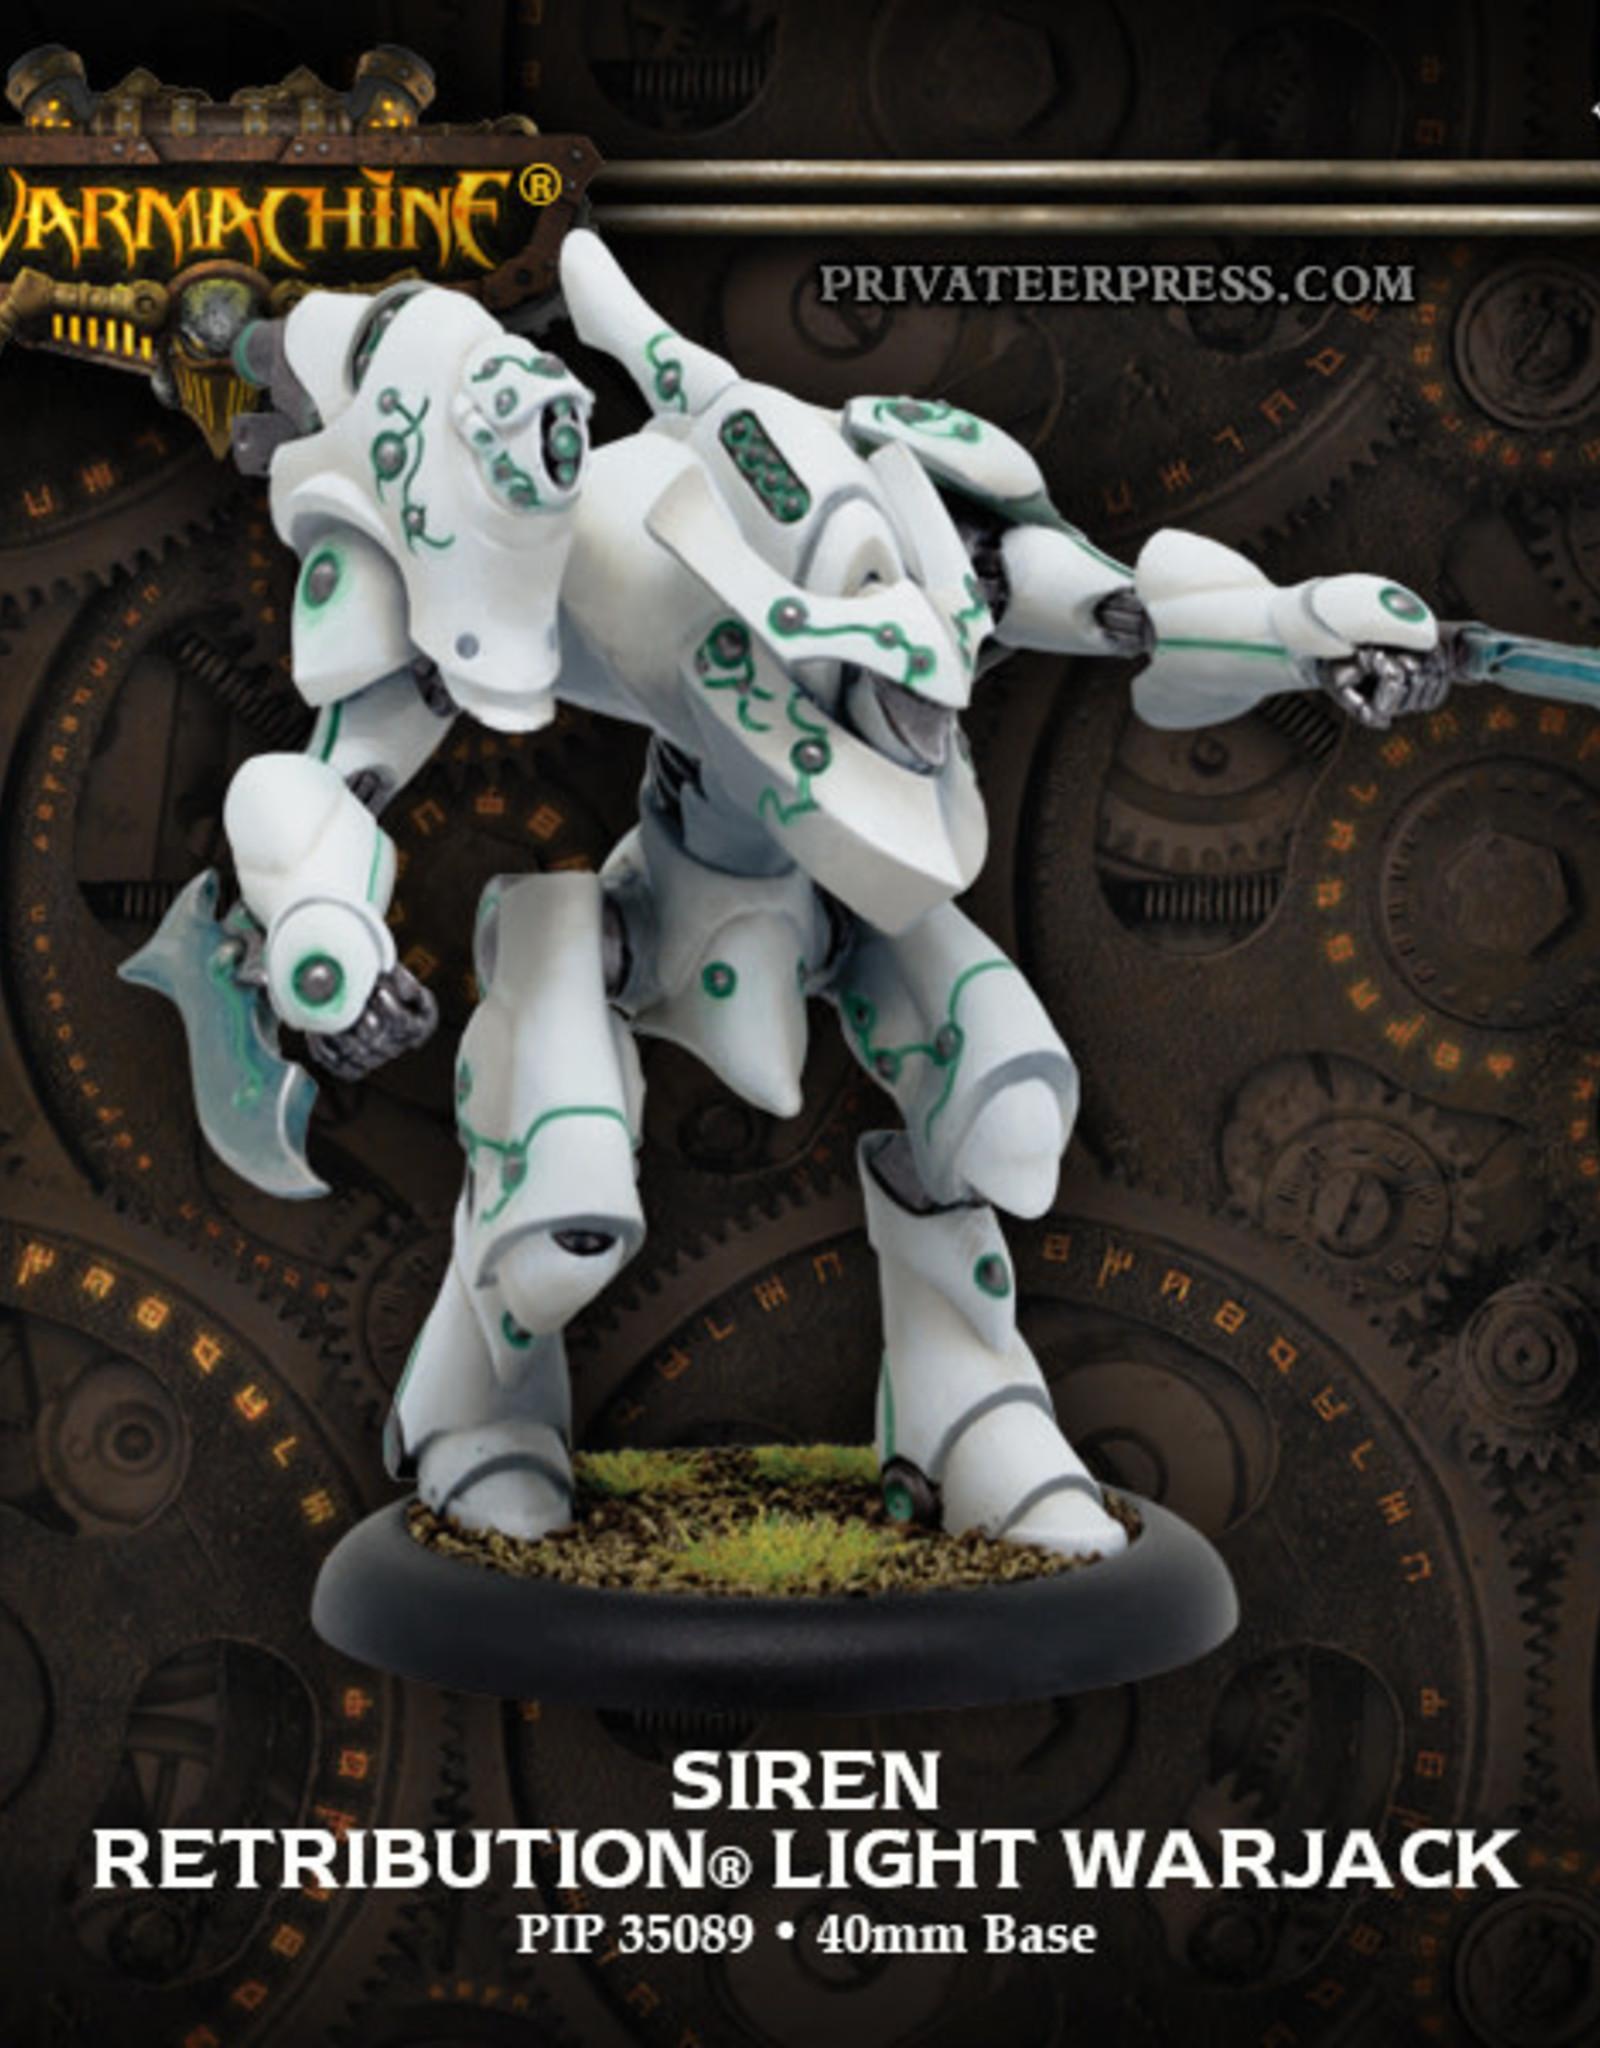 Warmachine Scyrah - Siren